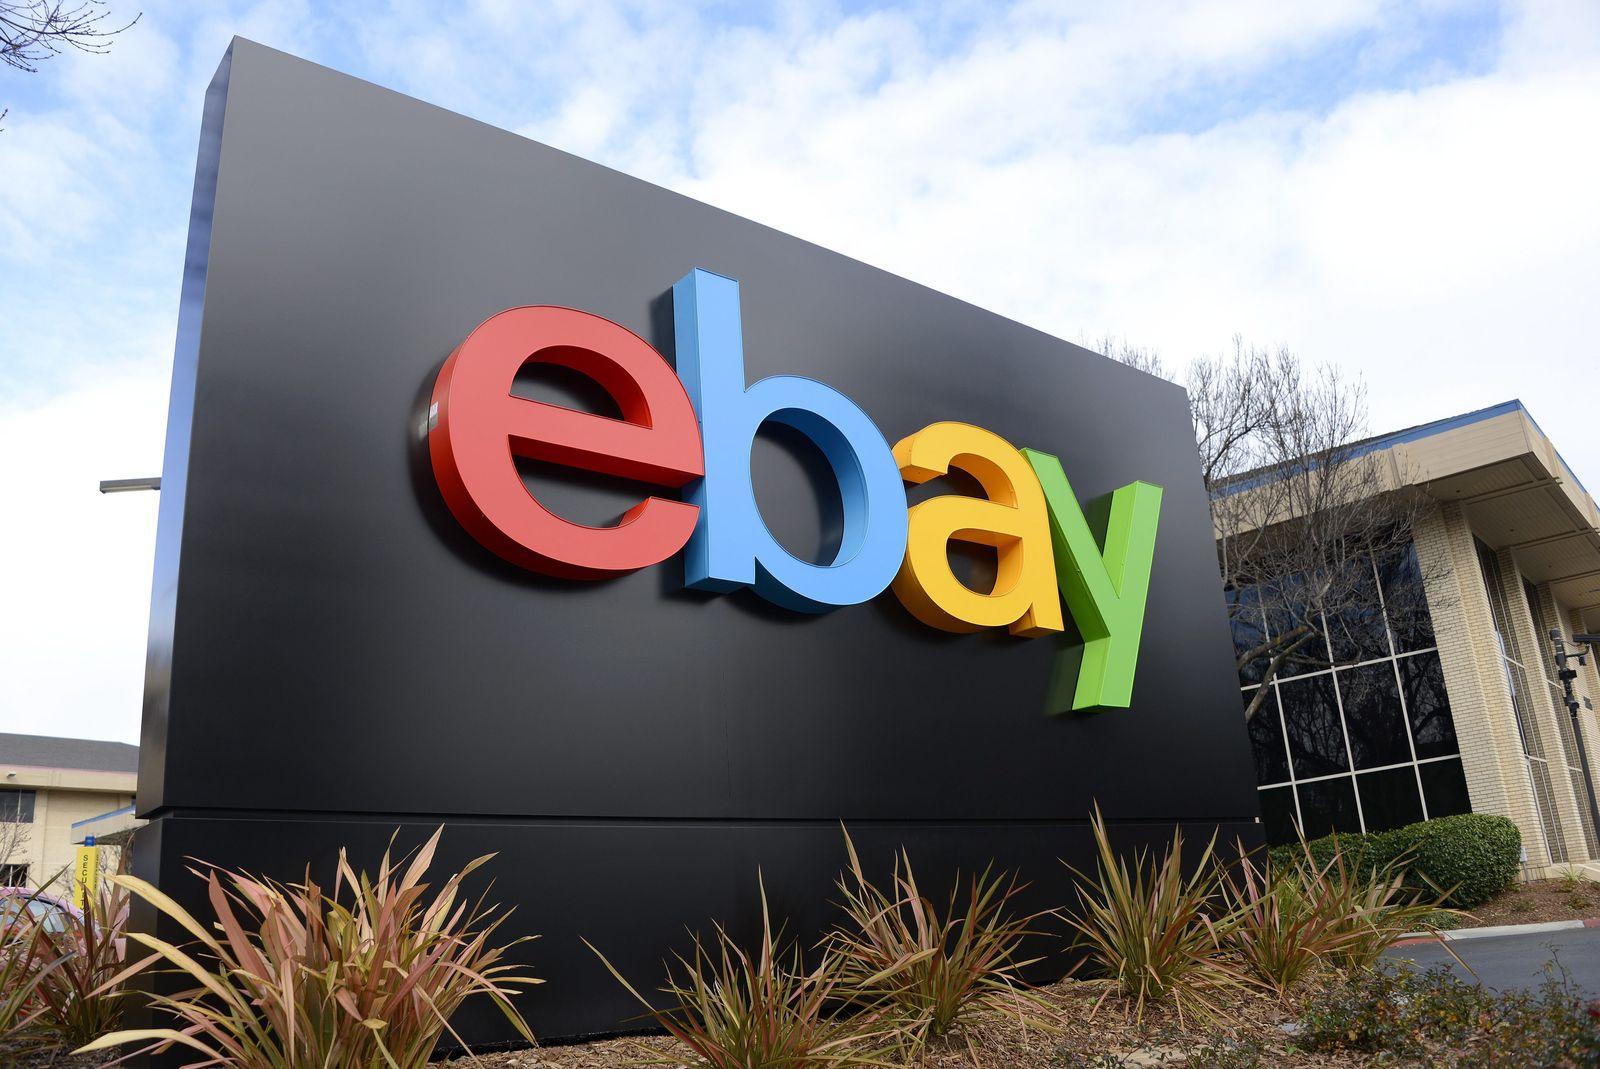 Ebay revenues rise, profit declines